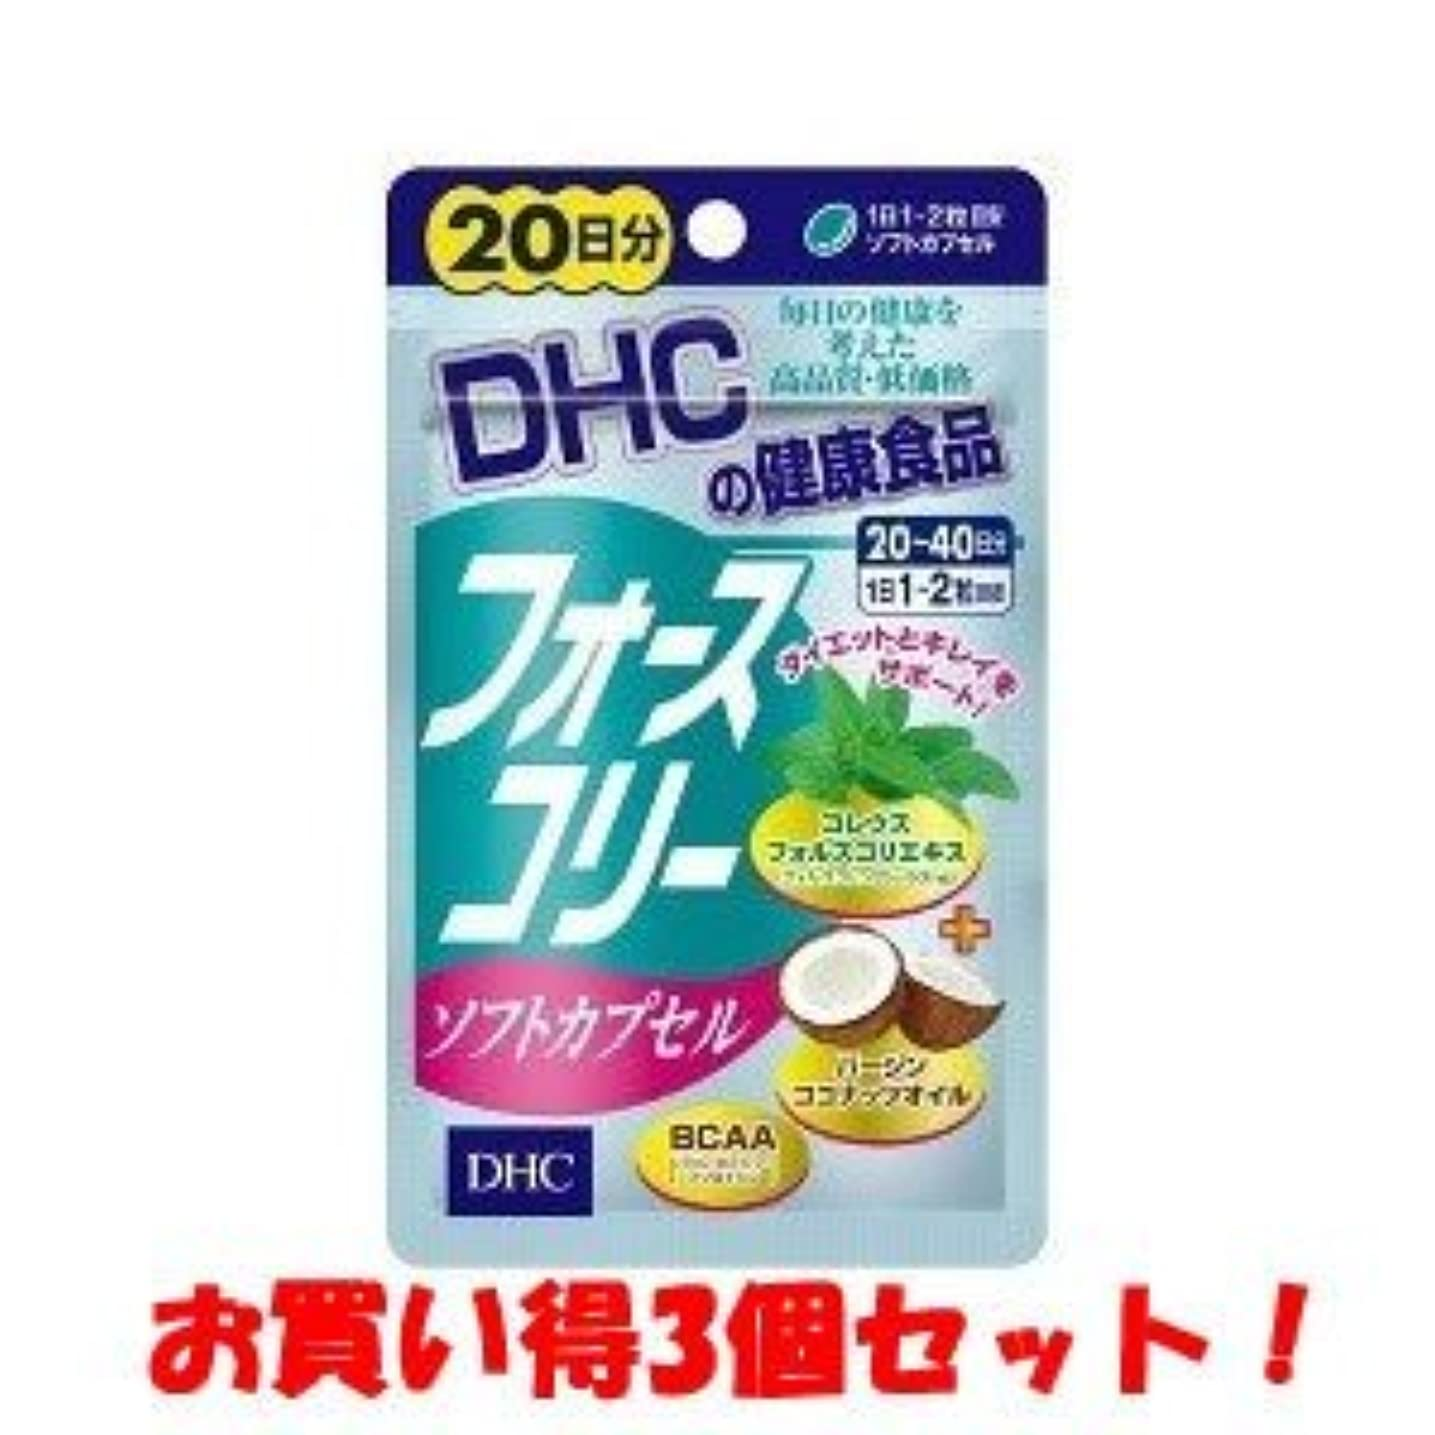 チキン属する徹底的に(2017年春の新商品)DHC フォースコリー ソフトカプセル 20日分 40粒(お買い得3個セット)